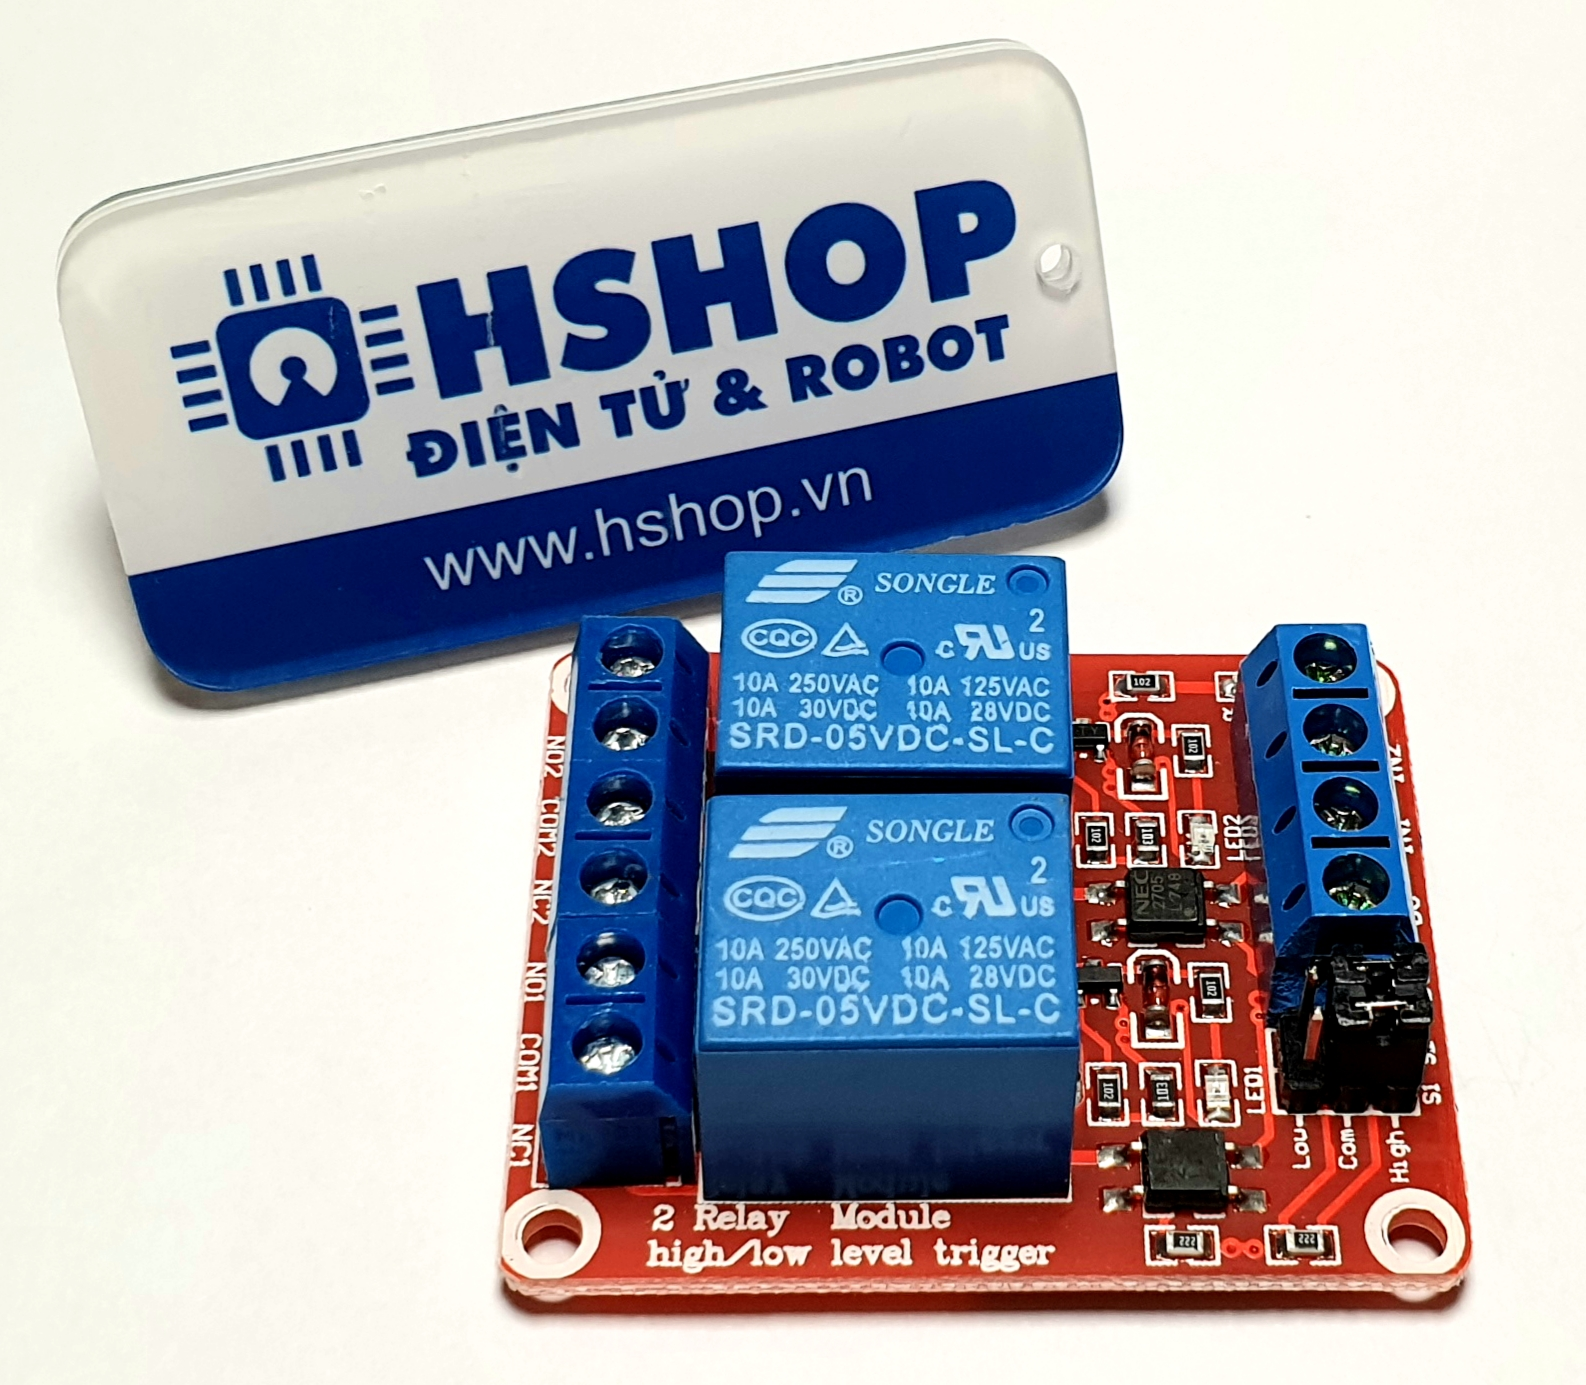 Mạch 2 Relay Opto chọn mức kích HighLow (5/12/24VDC)